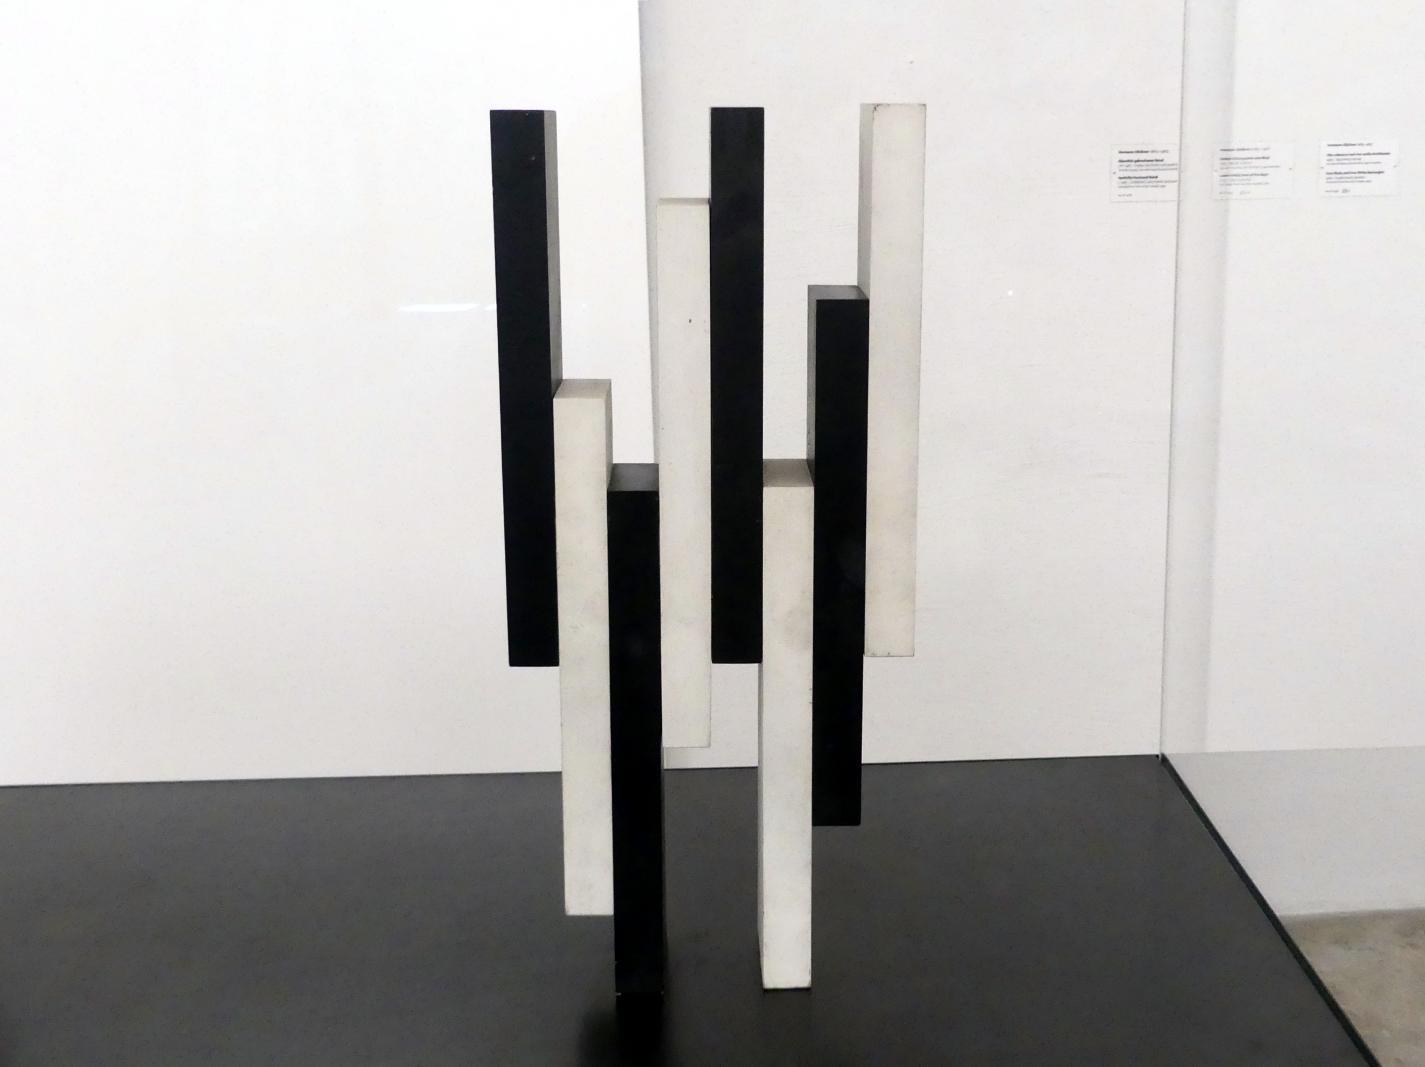 Hermann Glöckner: Vier schwarze und vier weiße Rechtkante, 1960